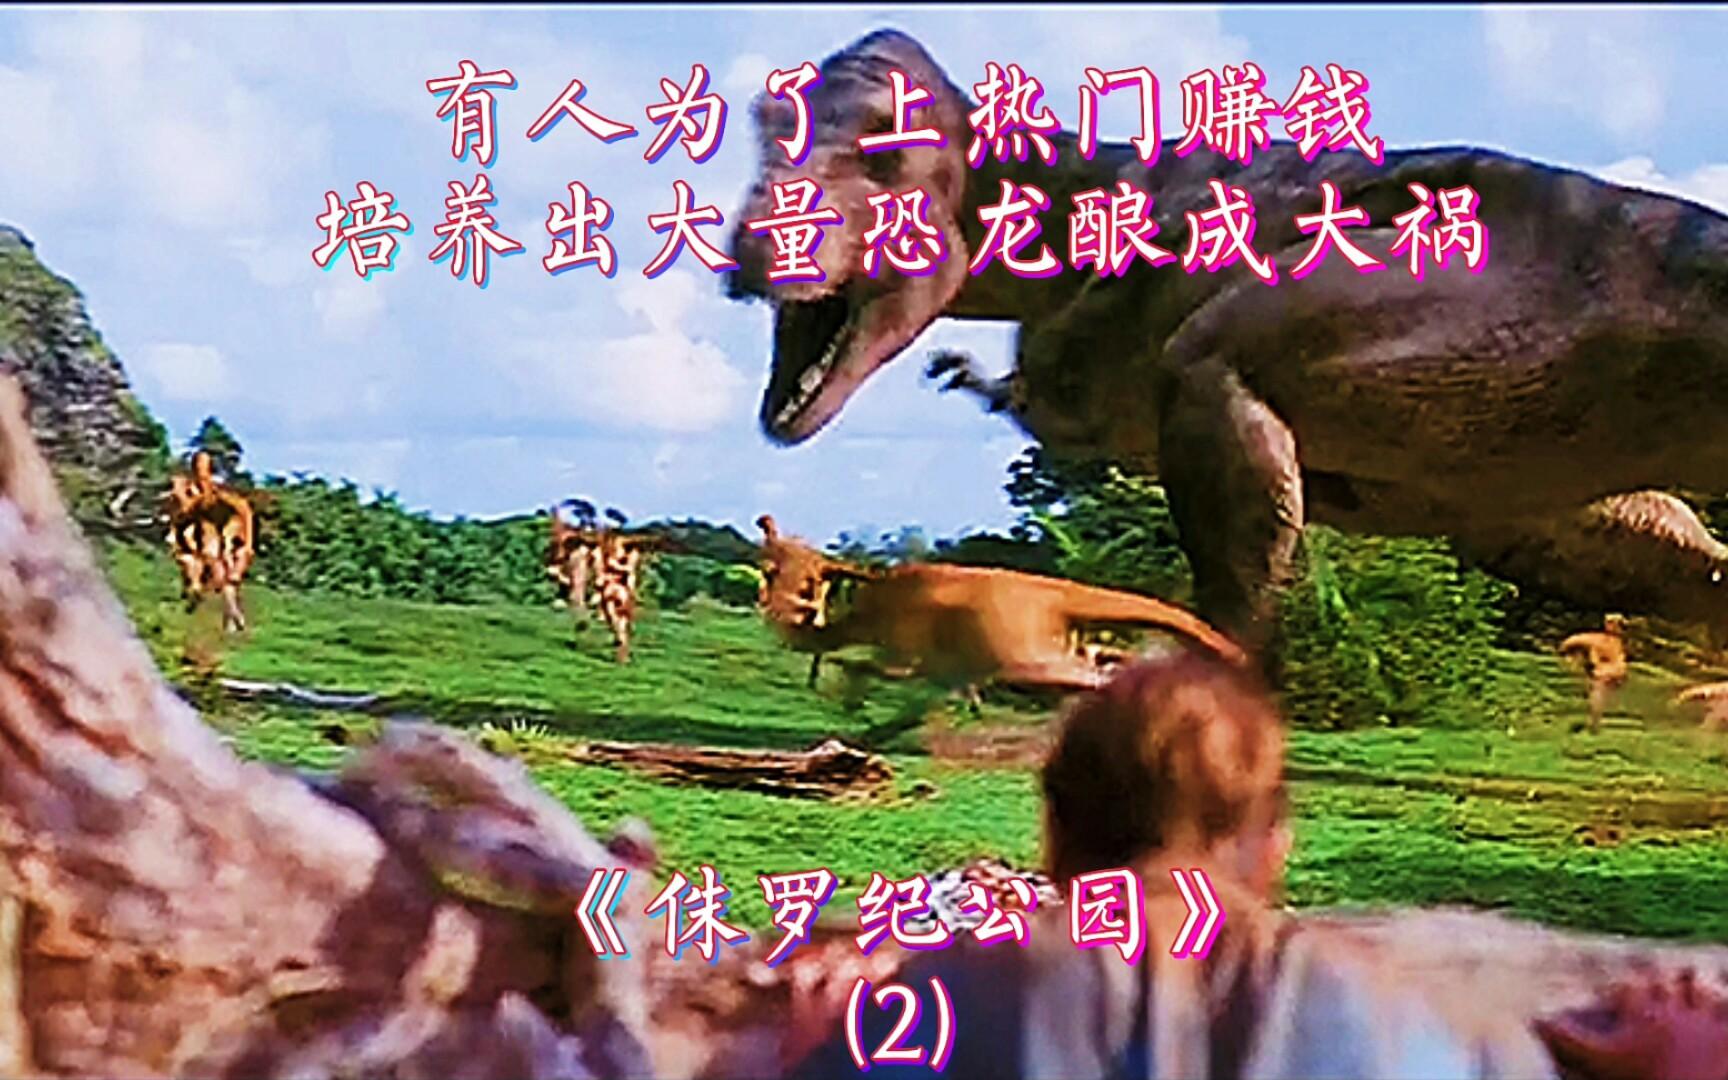 人类复活远古凶兽谋利,结果酿成大祸 @侏罗纪公园②